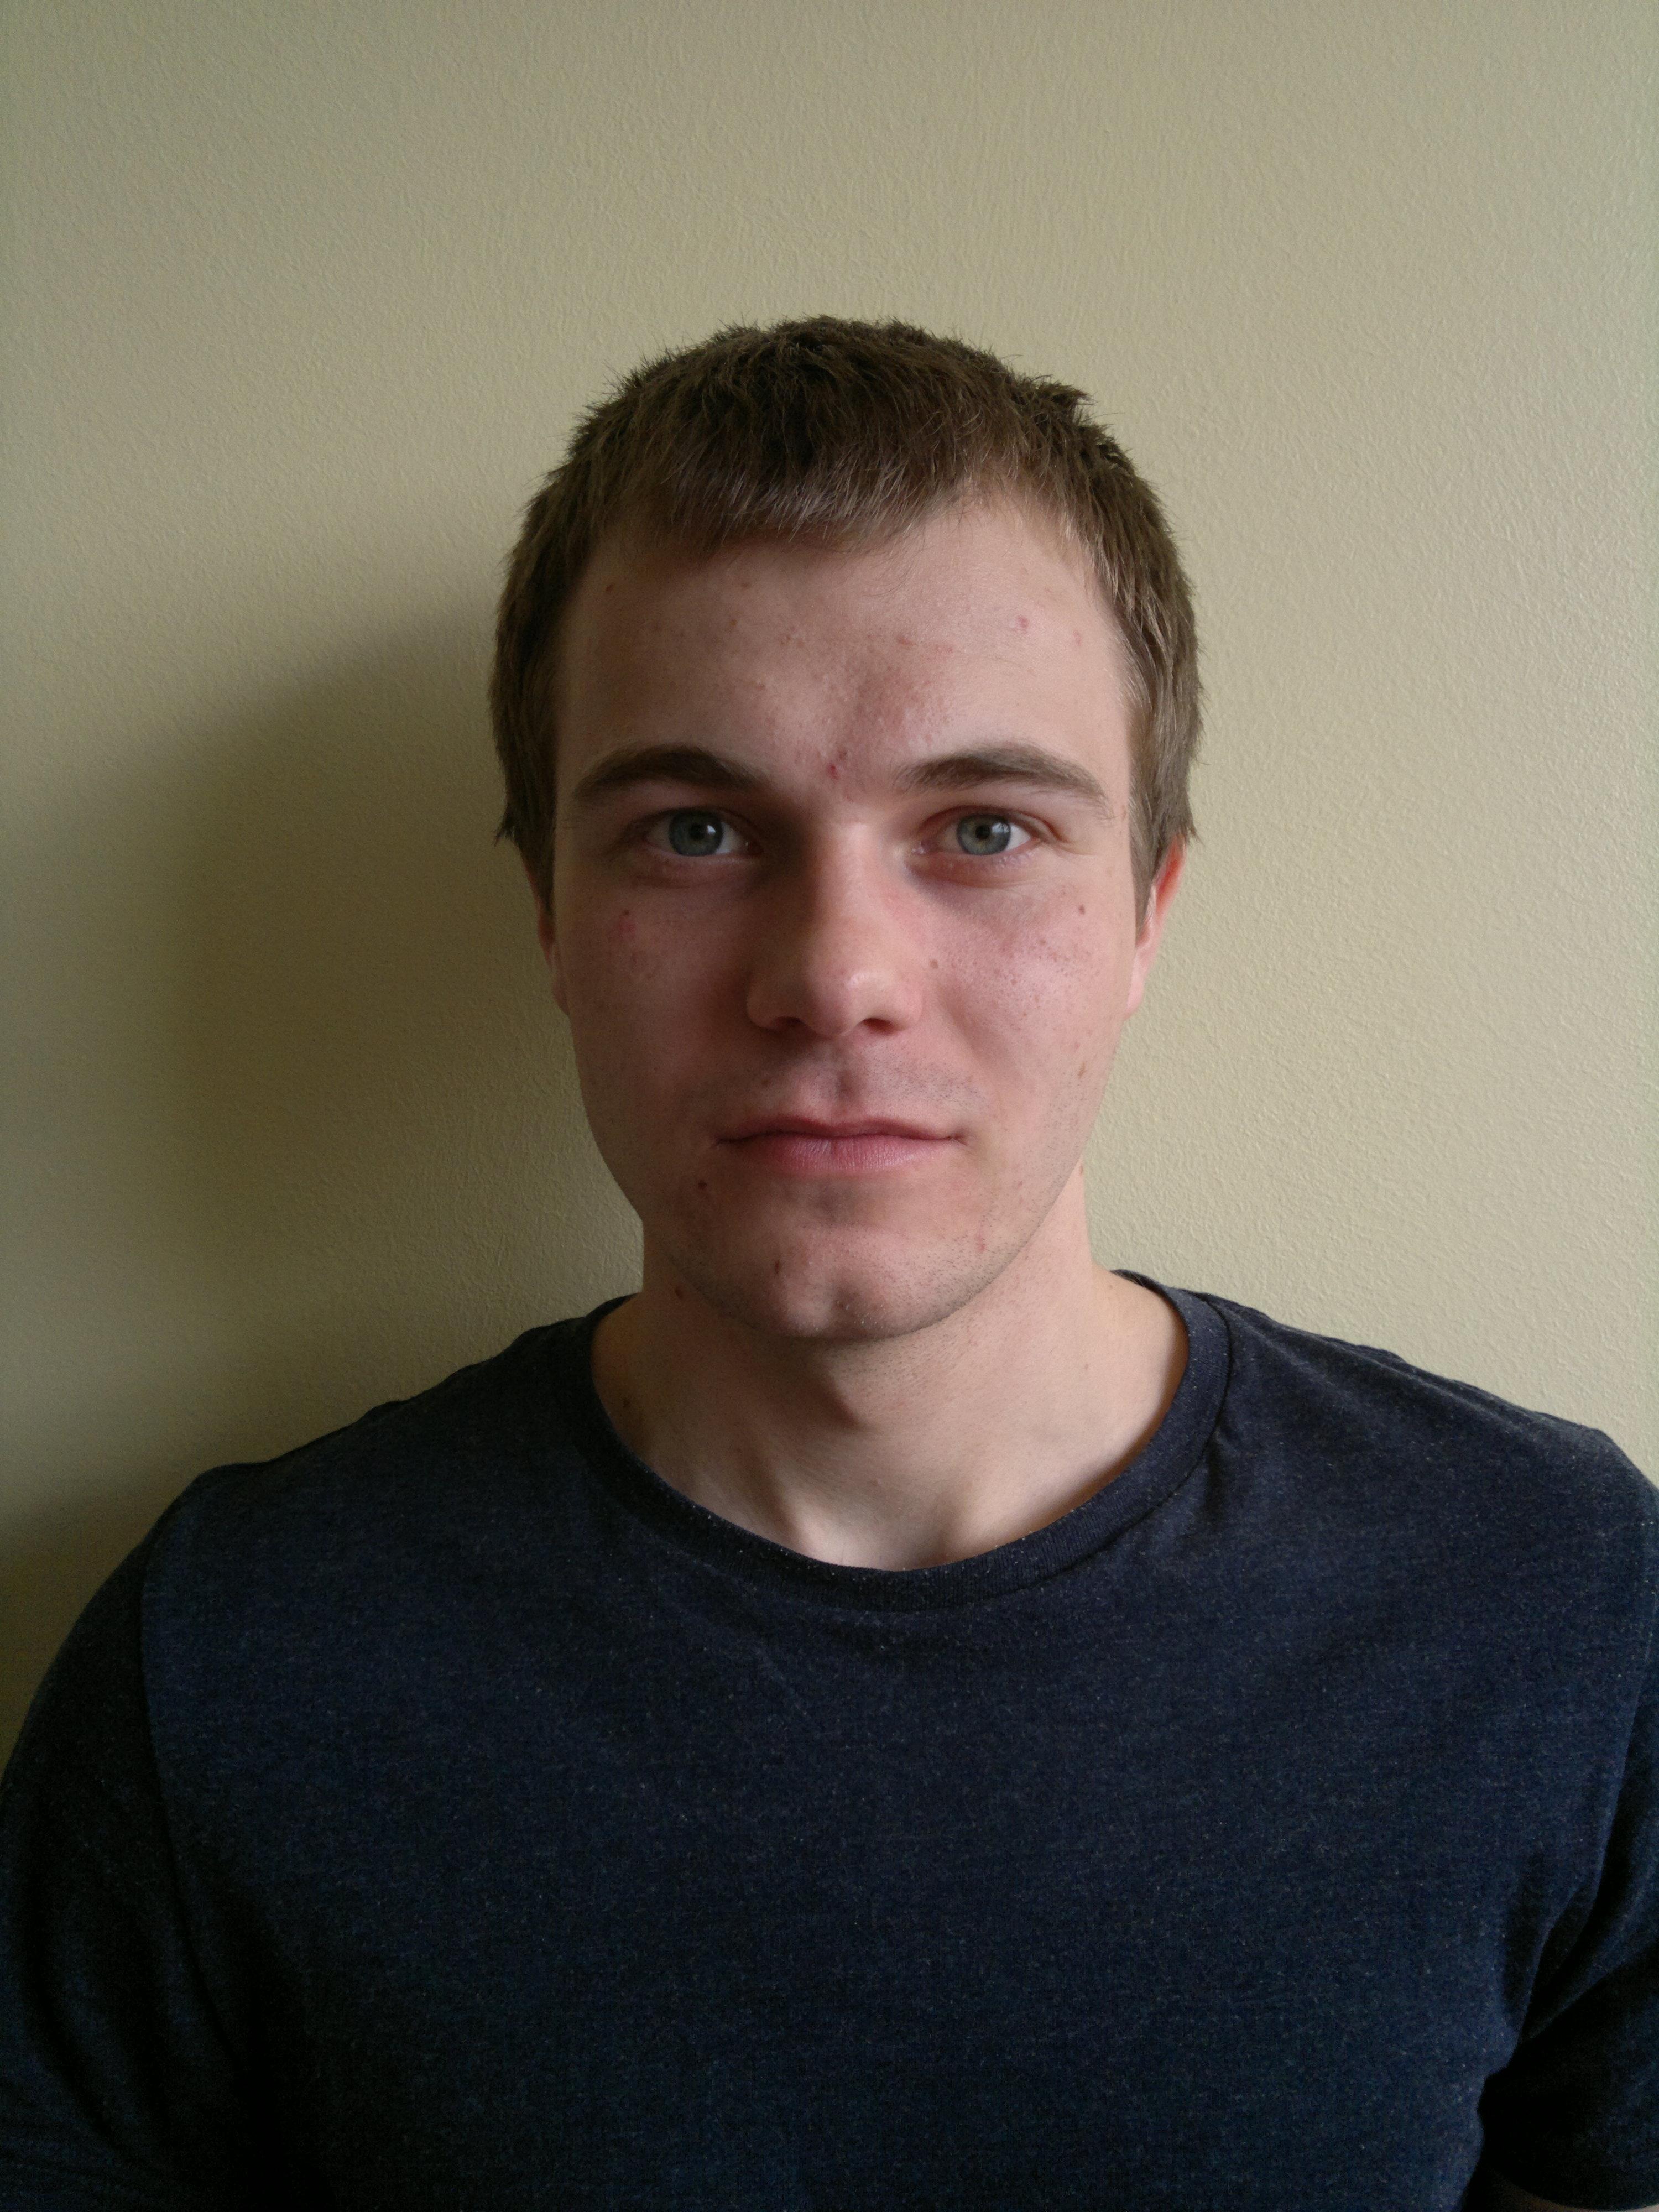 Mattias Oga